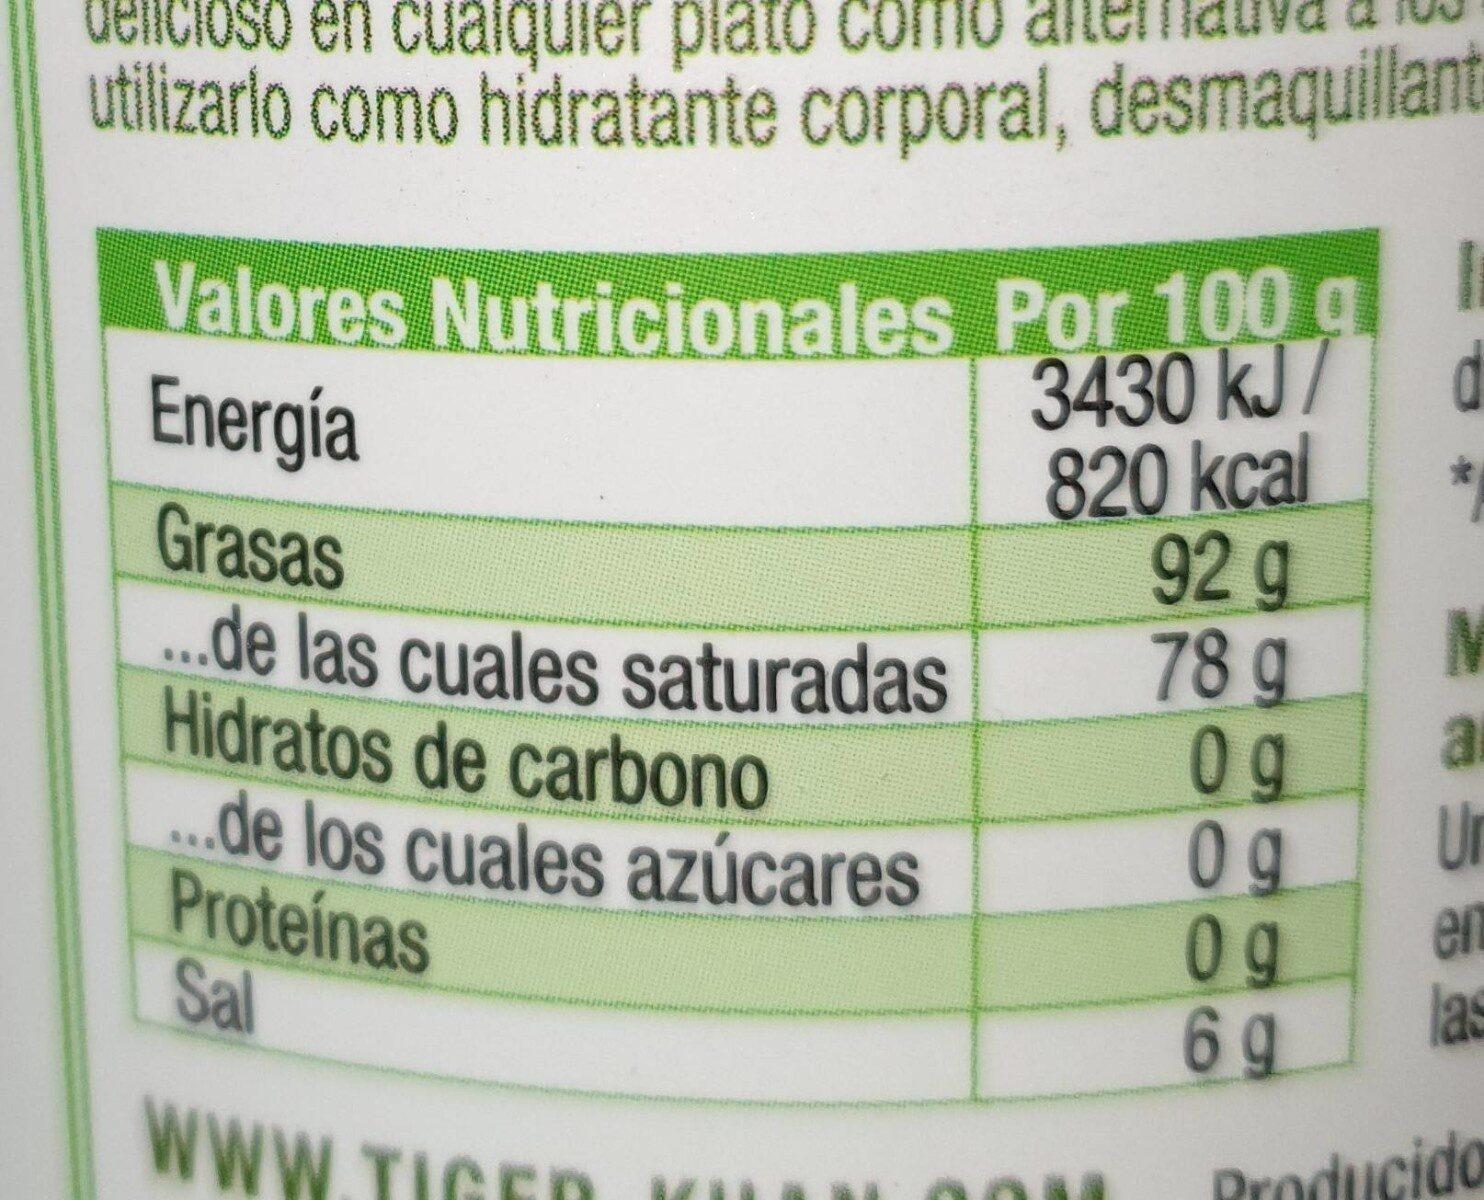 Huile de coco - Informations nutritionnelles